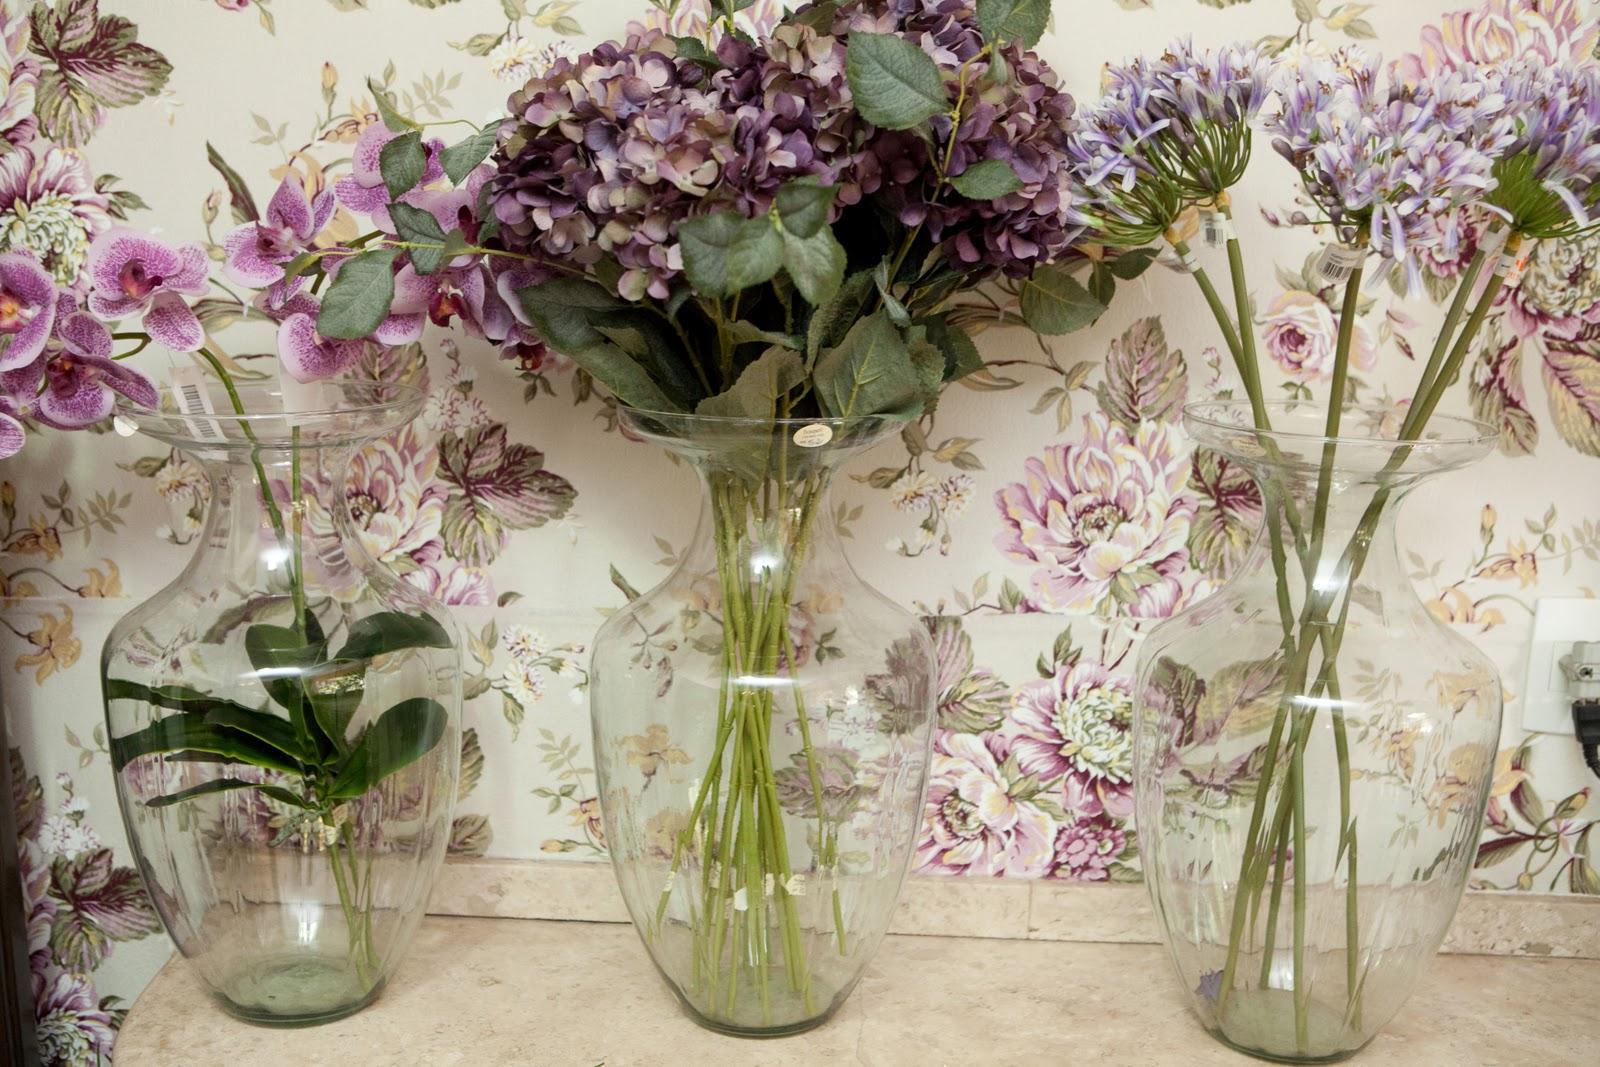 decoracao flor banheiro – Doitricom -> Decoracao Banheiro Flores Artificiais